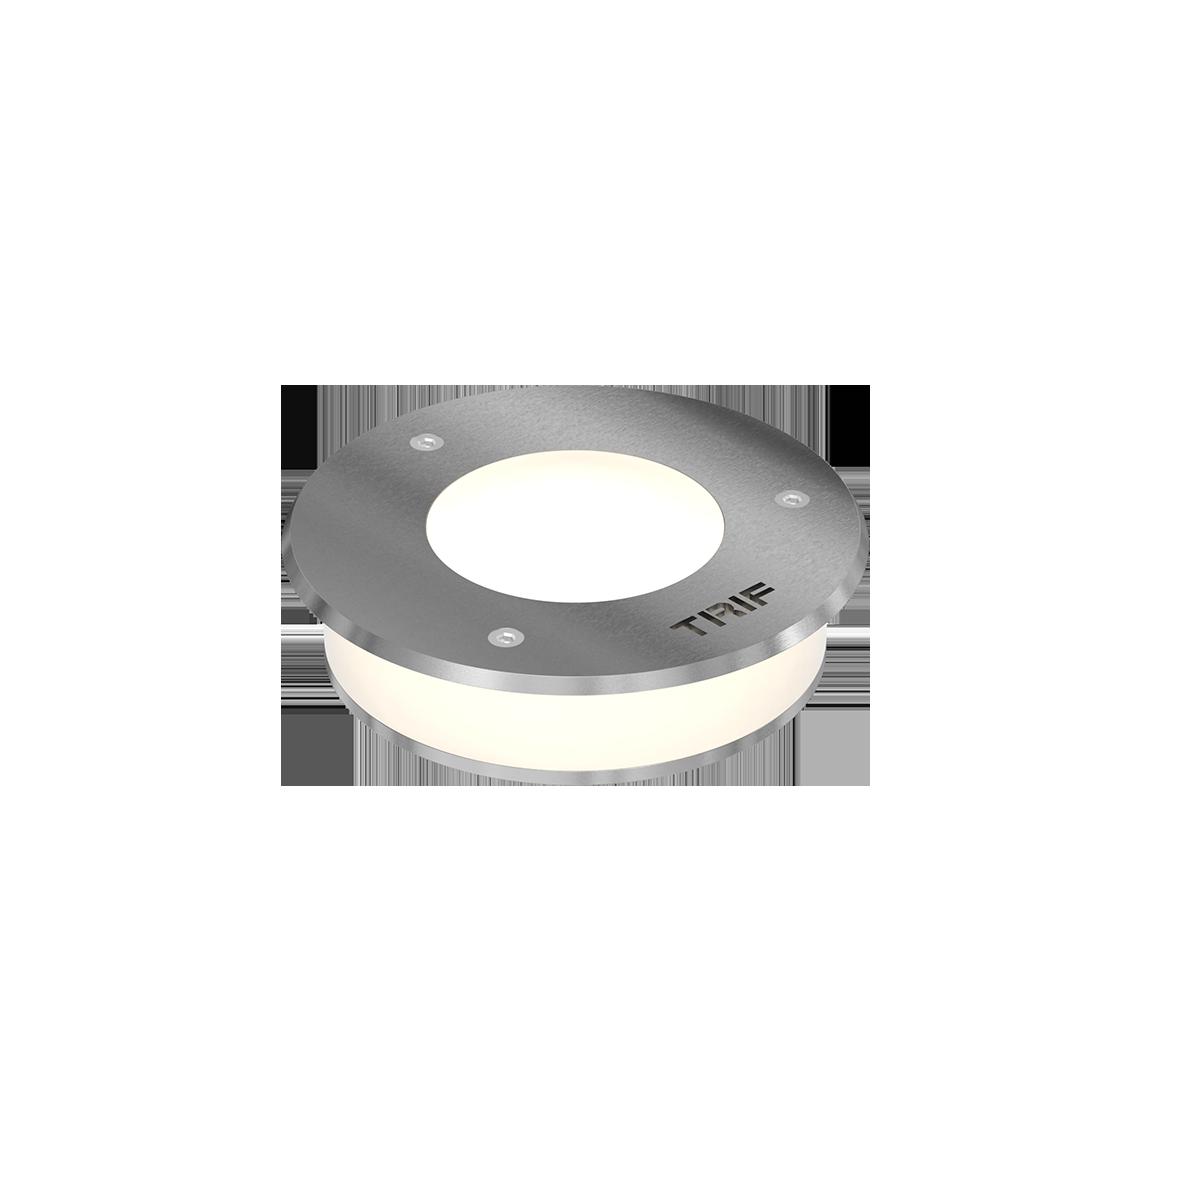 Встраиваемыесветодиодныесветильники TRIF LUNA INTERIOR